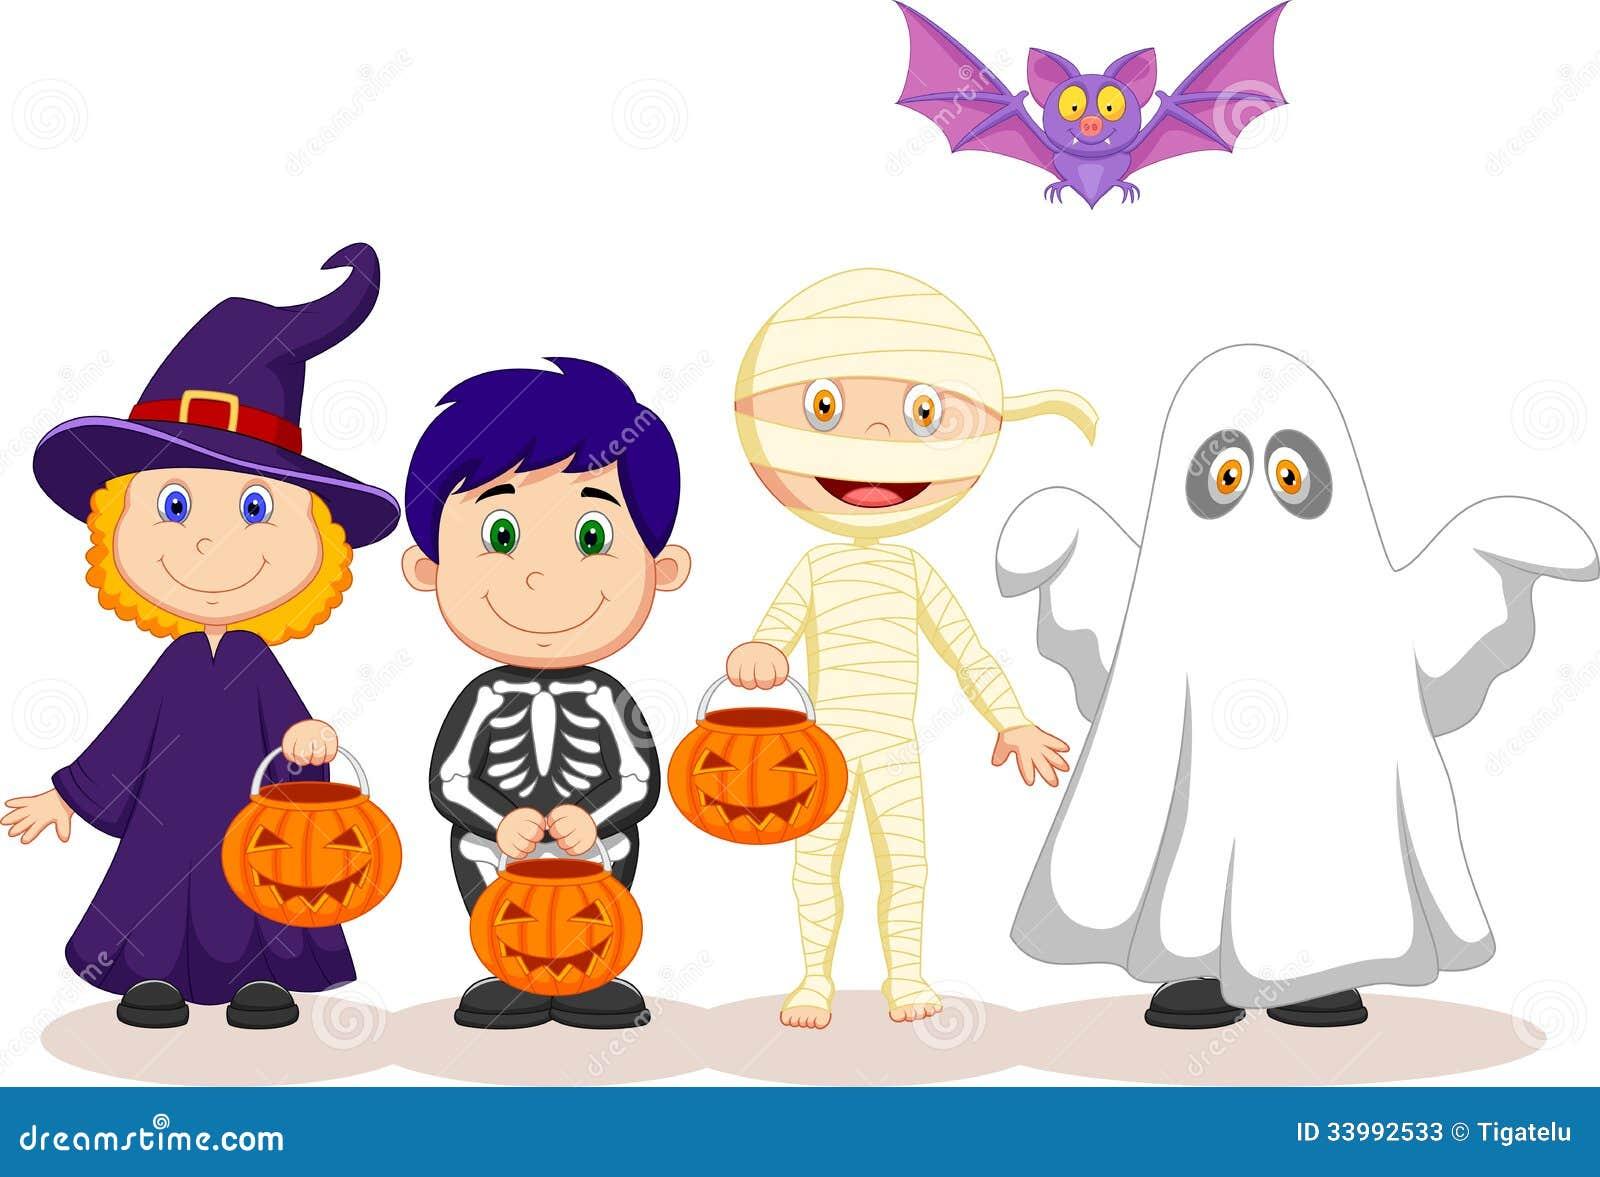 cartoon children halloween happy - Happy Halloween Cartoon Pics